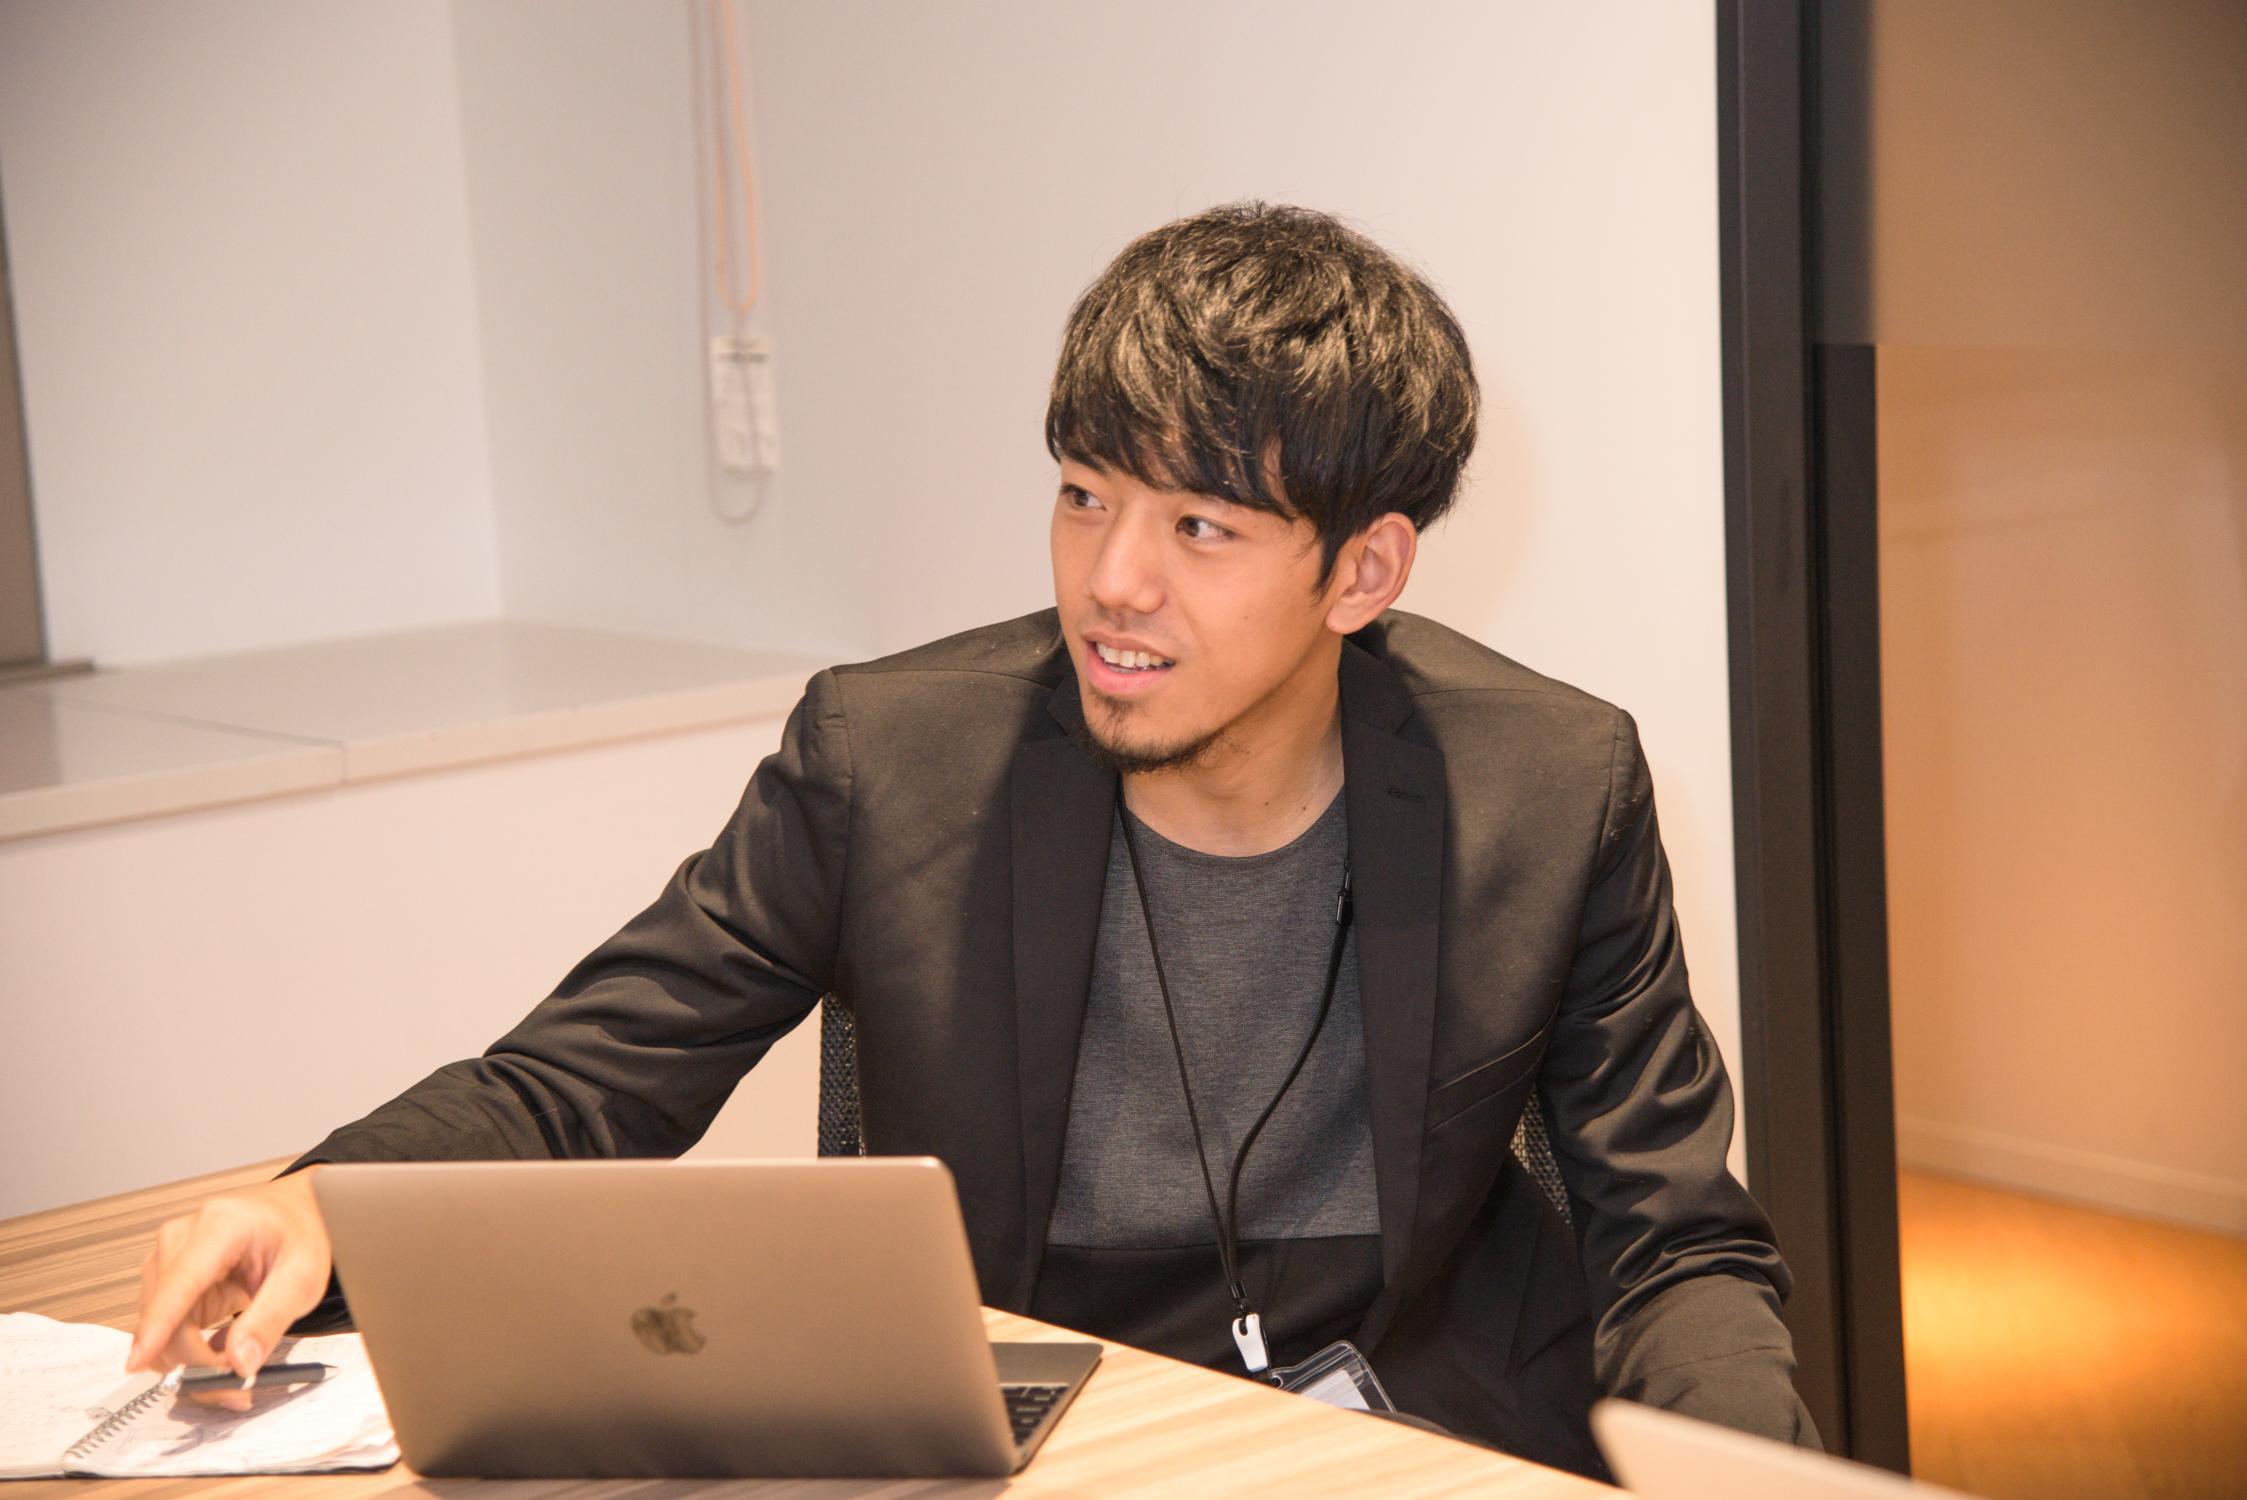 【JEEK MVP受賞】13.5億の企業価値をつけたゴロー社の新規事業を0から生み出したインターンとは!?